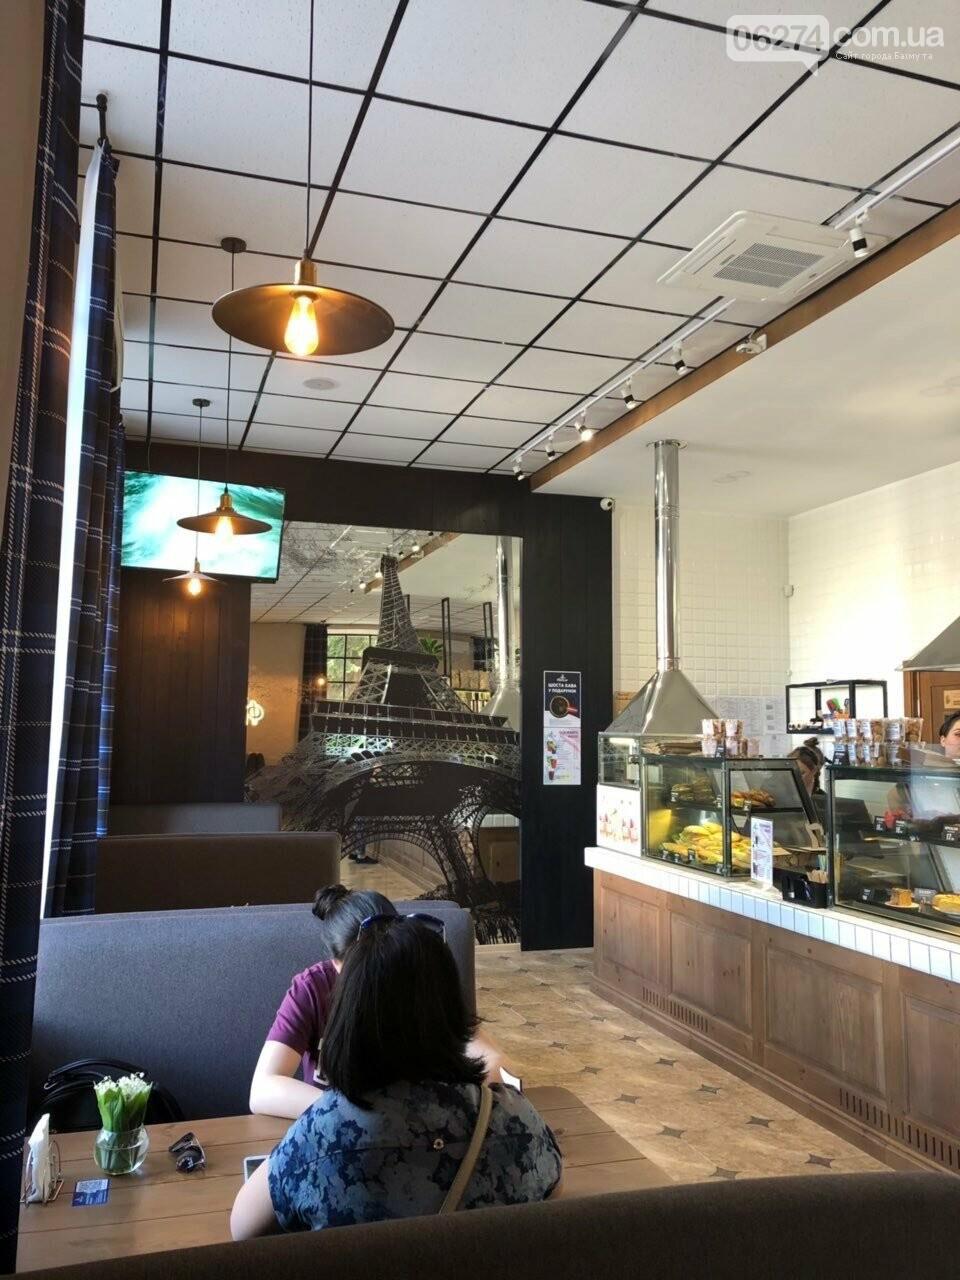 В Бахмуте открылась кофейня-пекарня «Франс.уа», фото-9